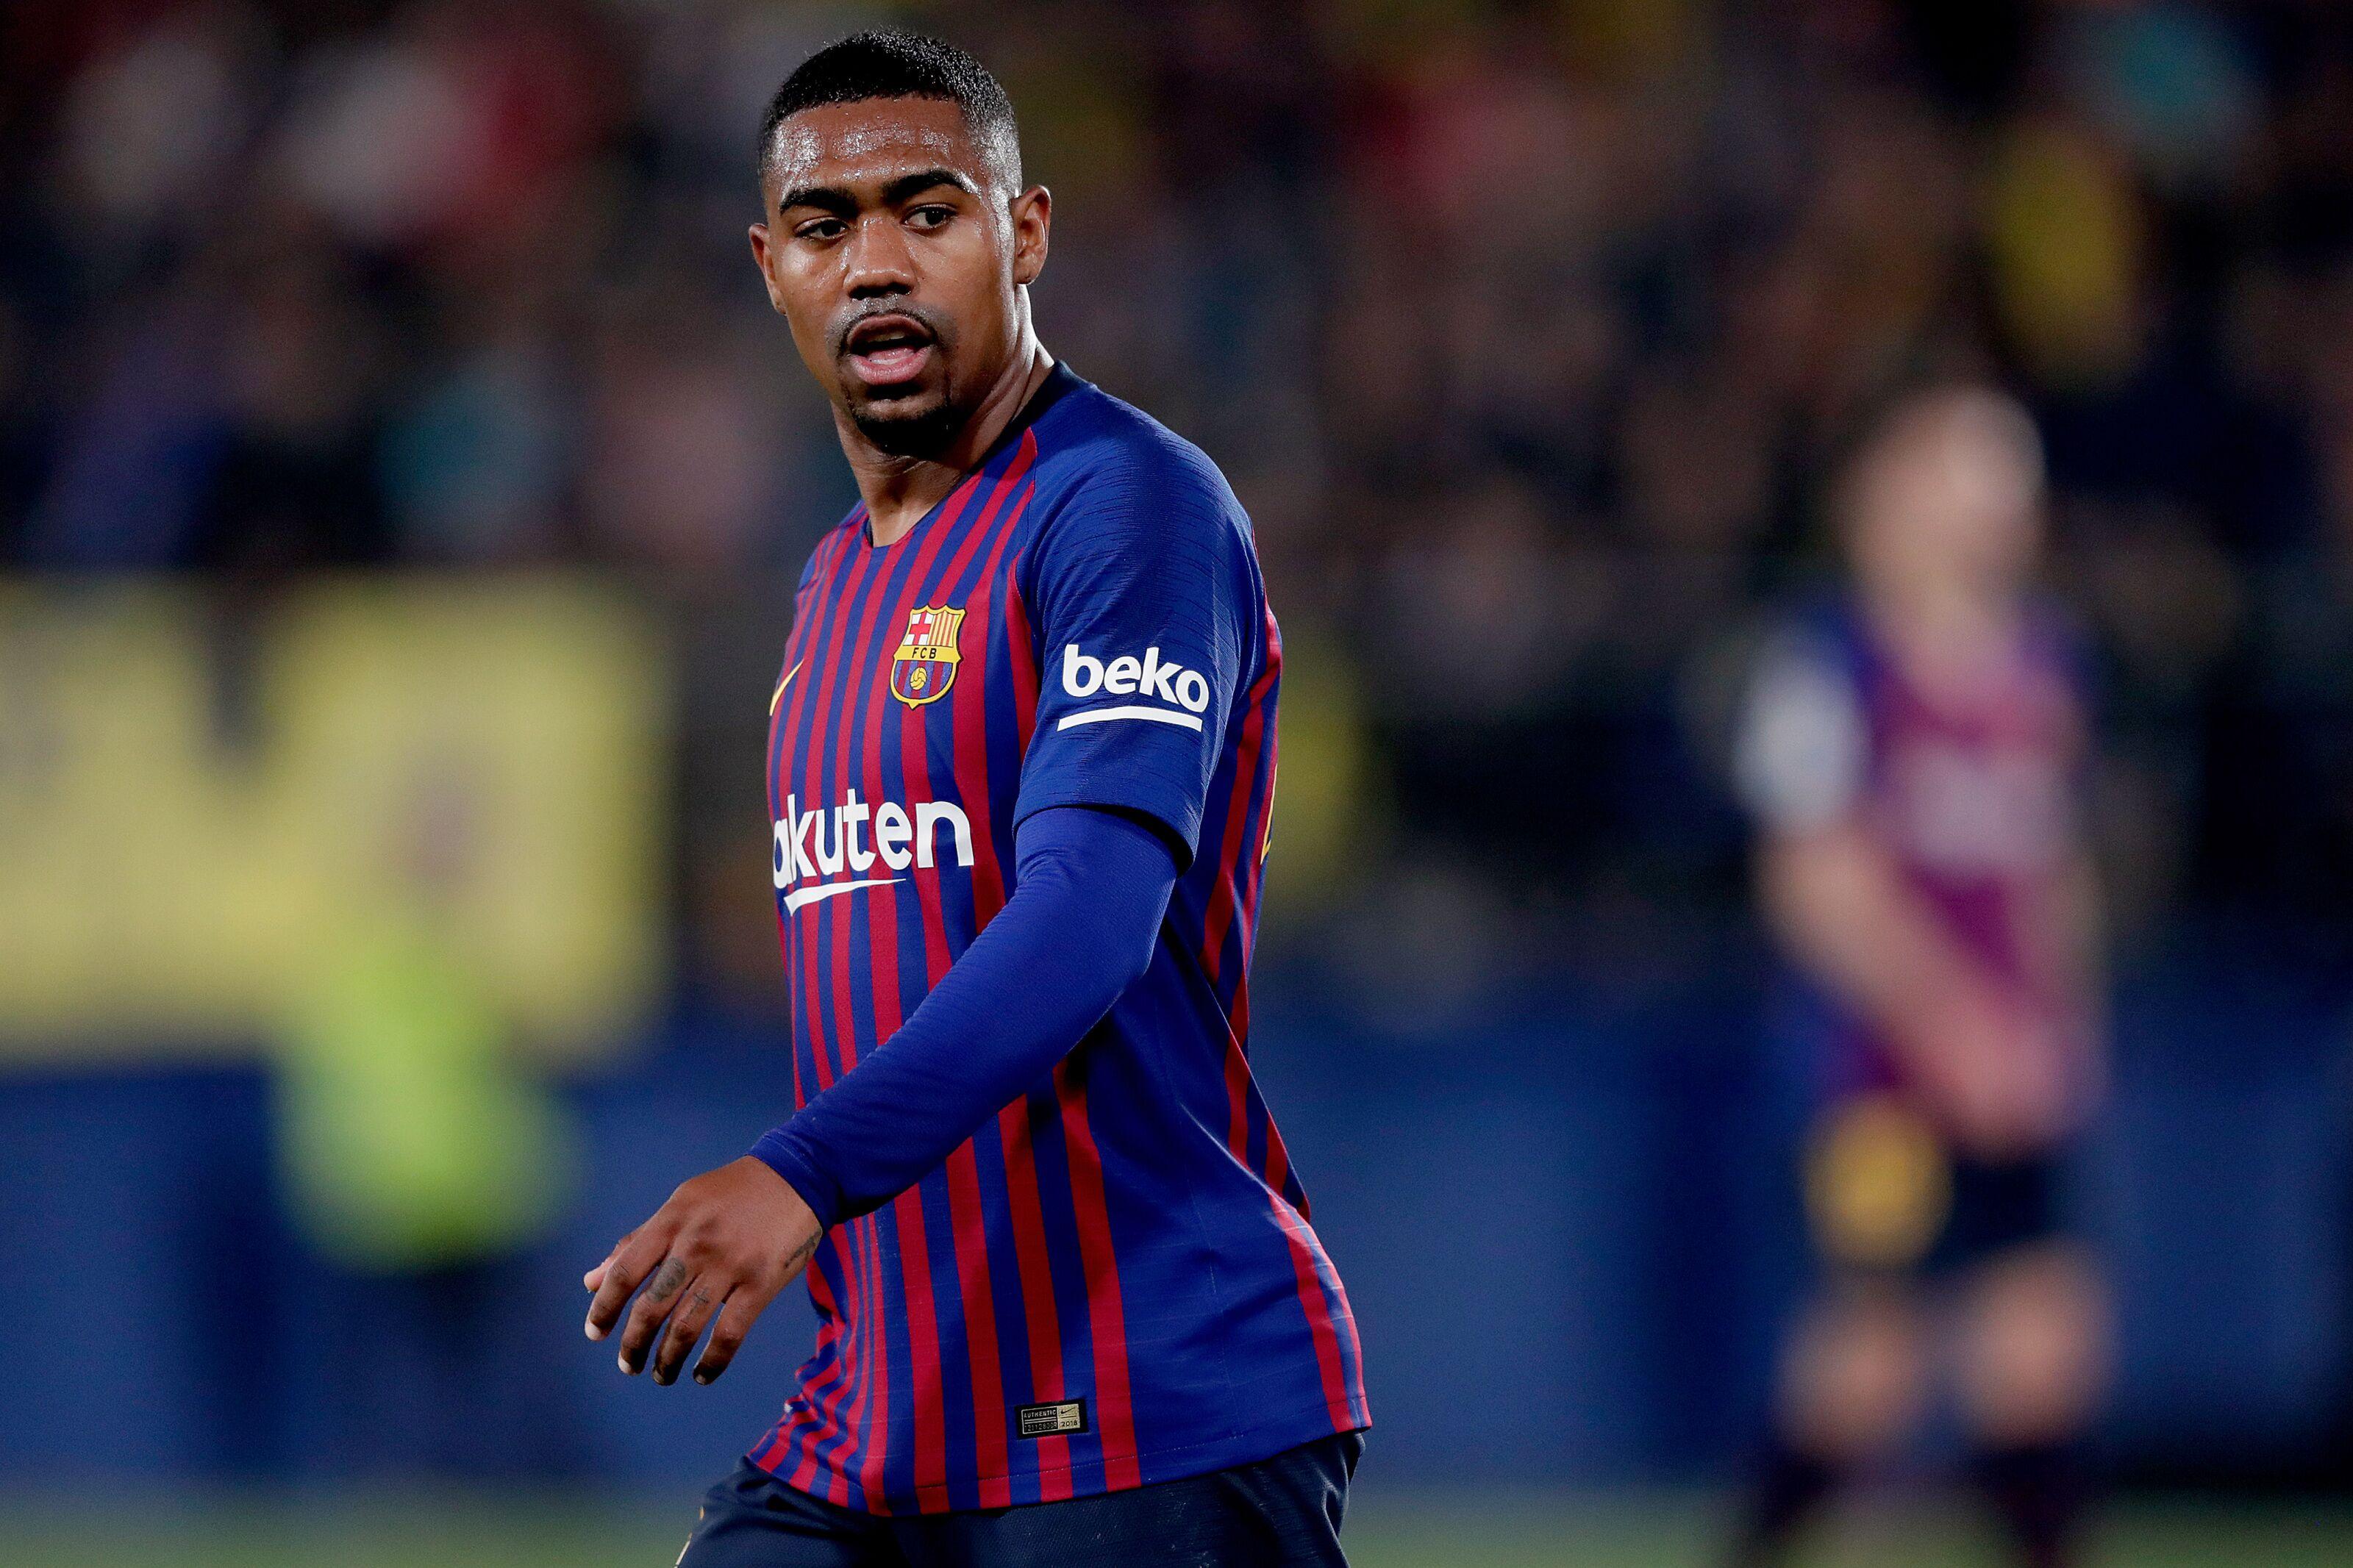 Barcelona deny transfer negotiations regarding Brazilian superstar